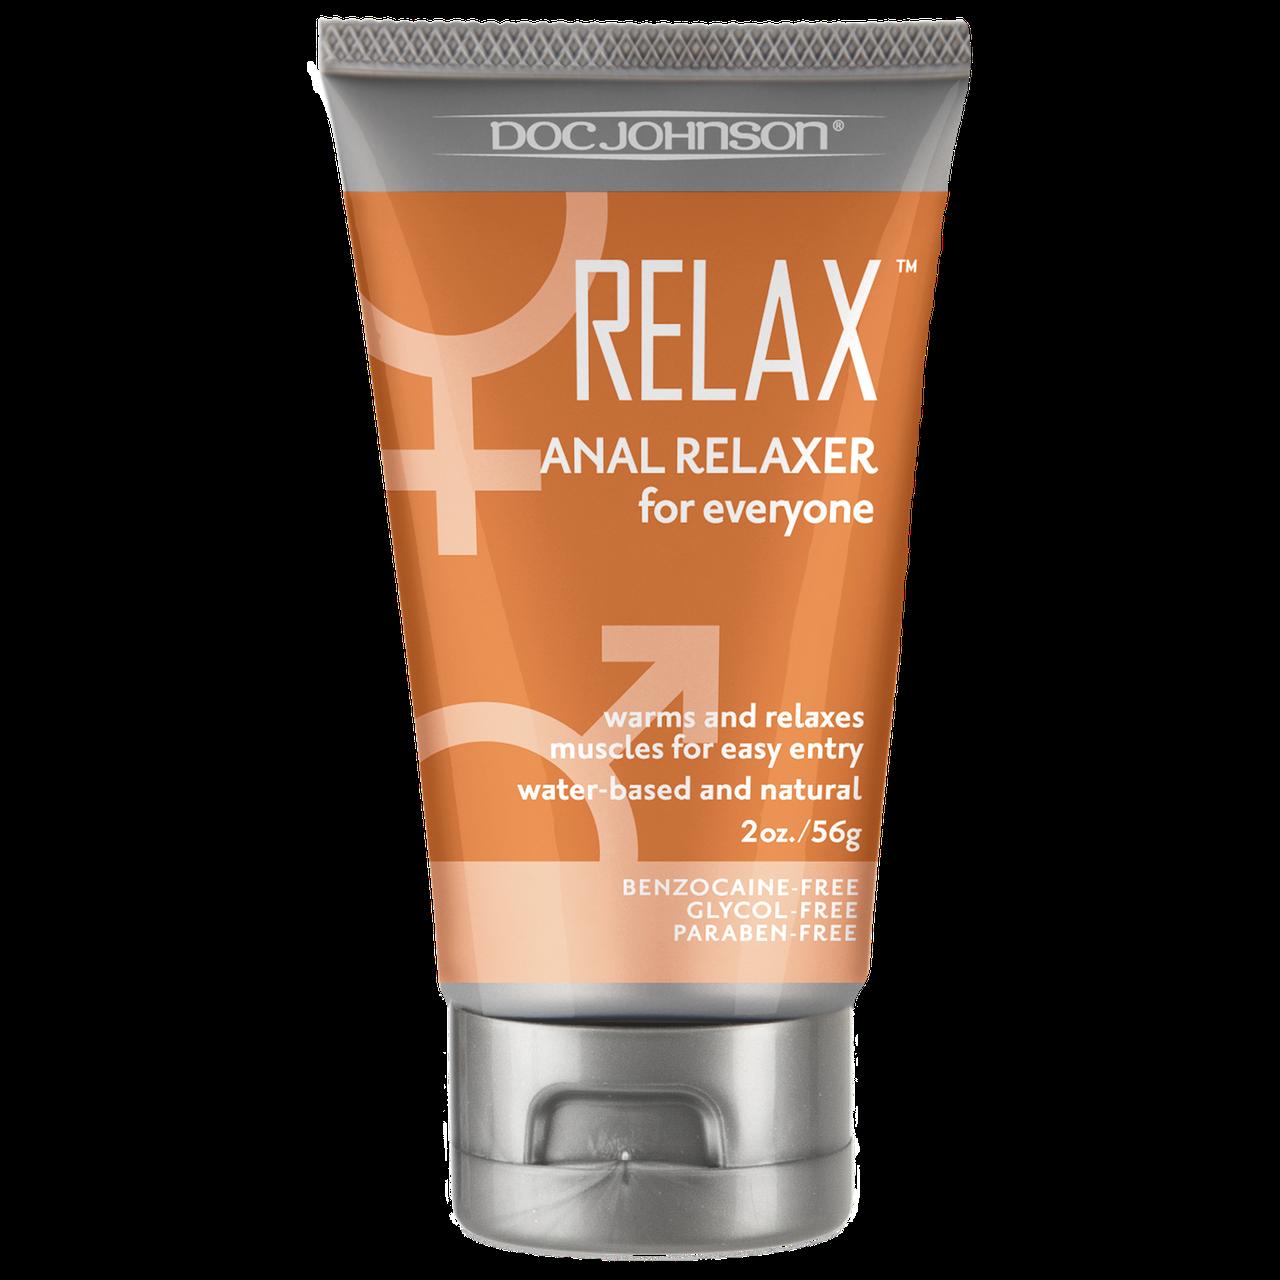 Расслабляющий и разогревающий гель для анального секса Doc Johnson RELAX Anal Relaxer (56 гр)